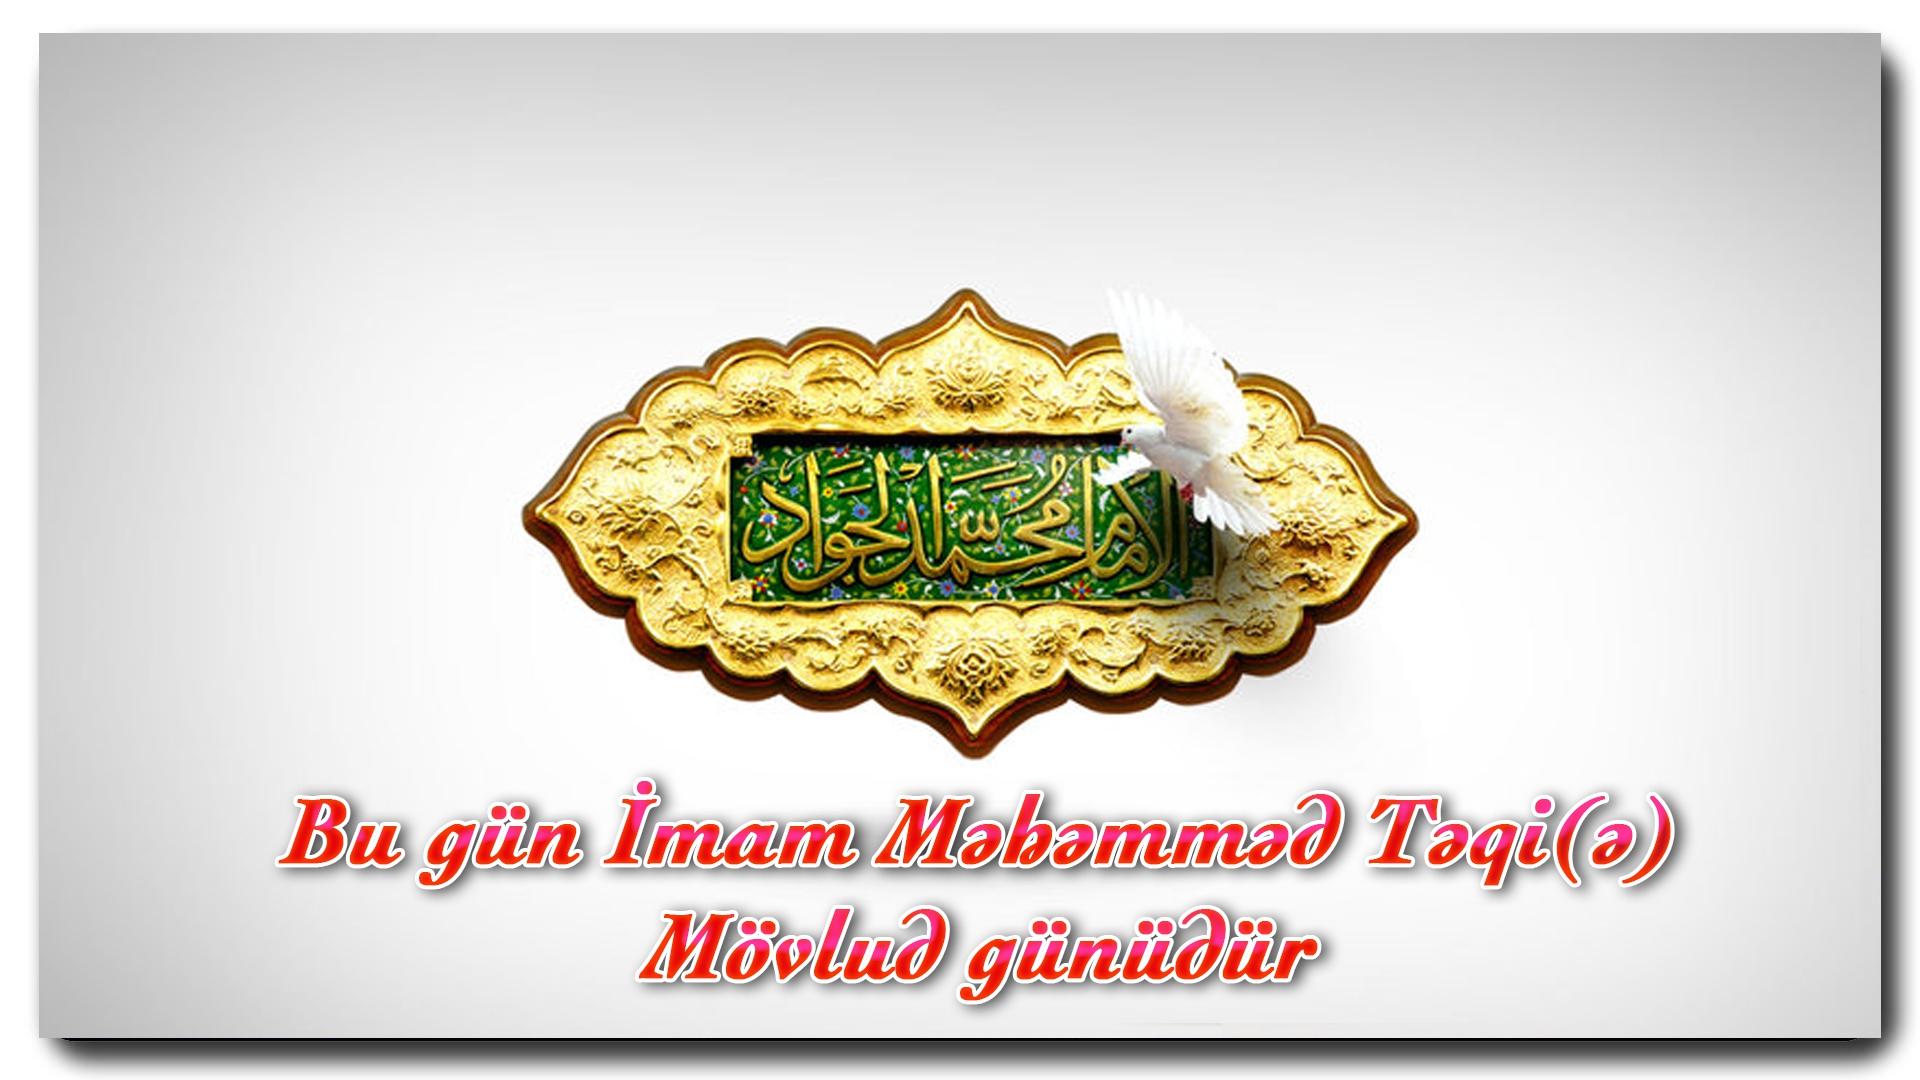 Bu gün İmam Məhəmməd Təqi(ə)nin mübarək mövlud günüdür